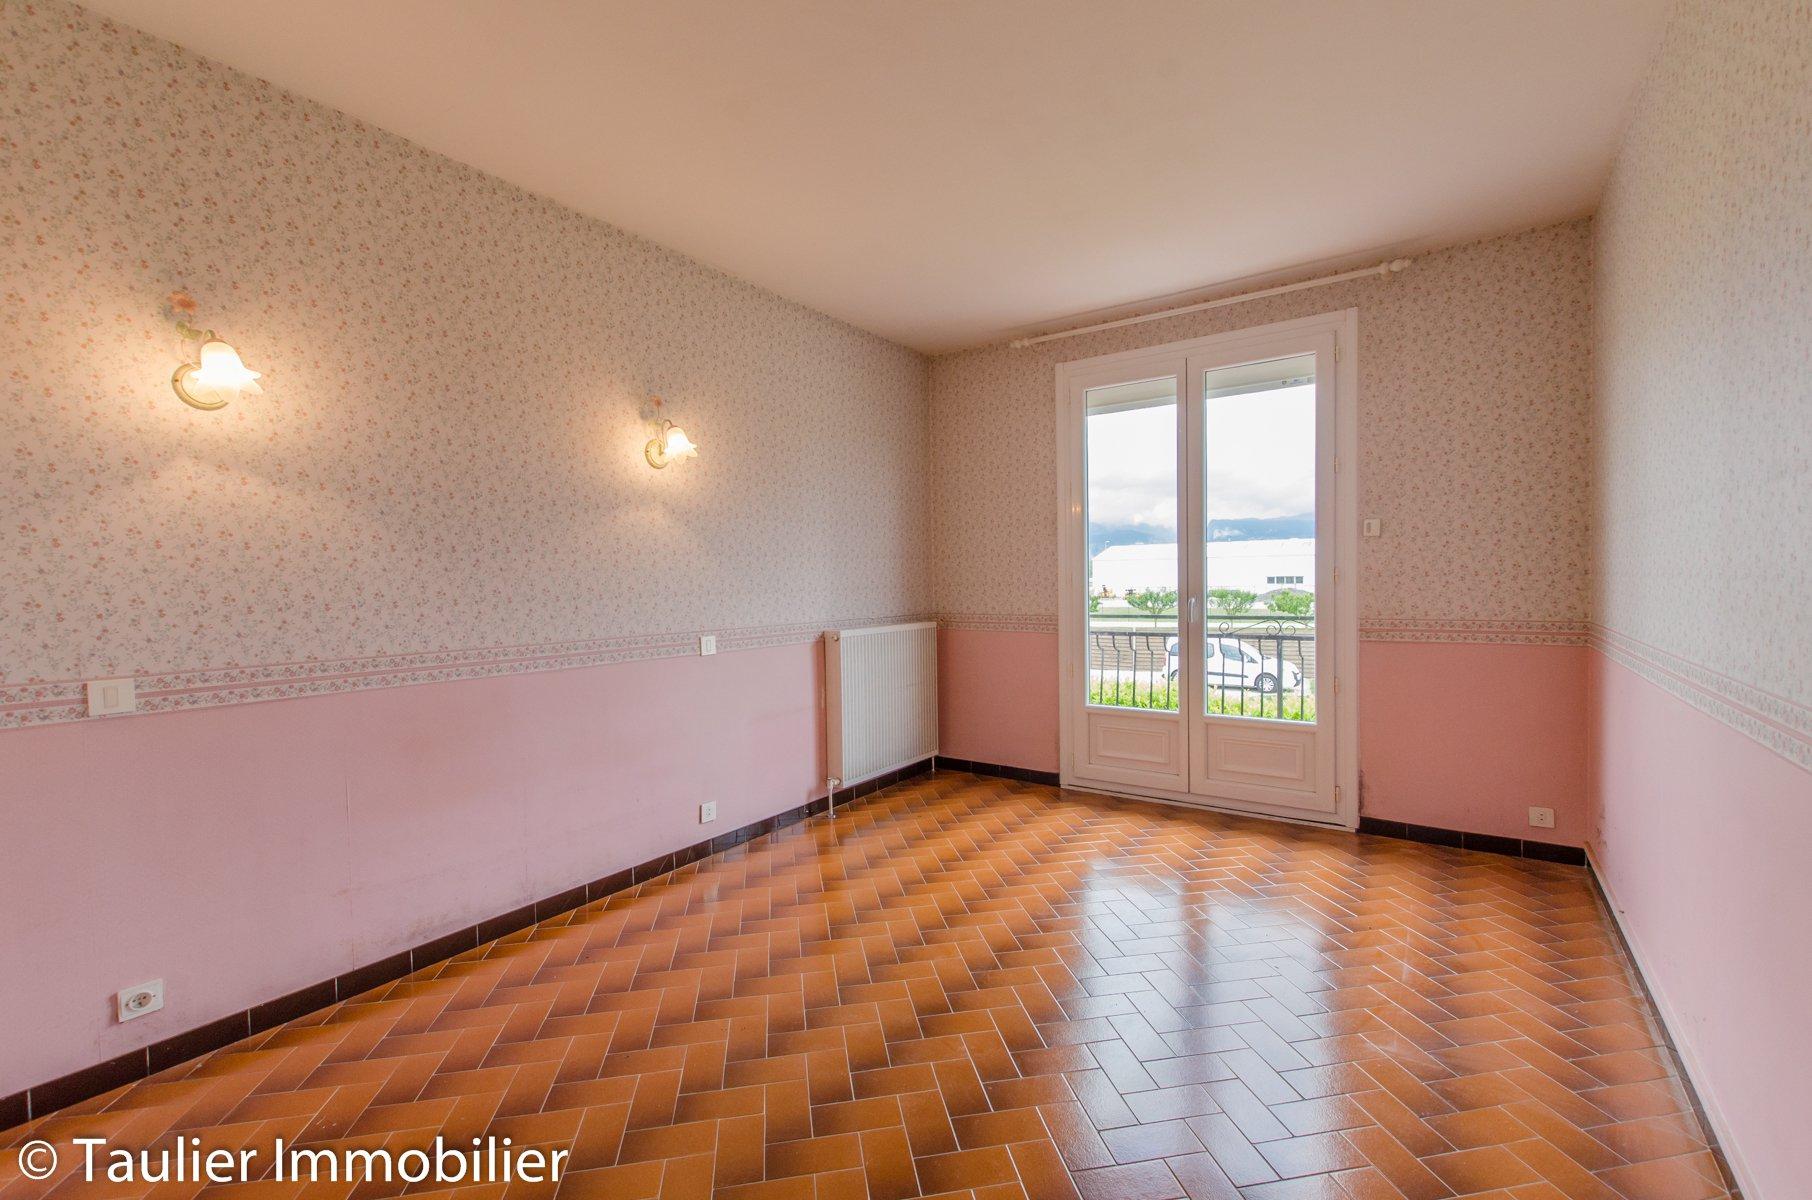 Maison 4 chambres, bien entretenue, terrain clos